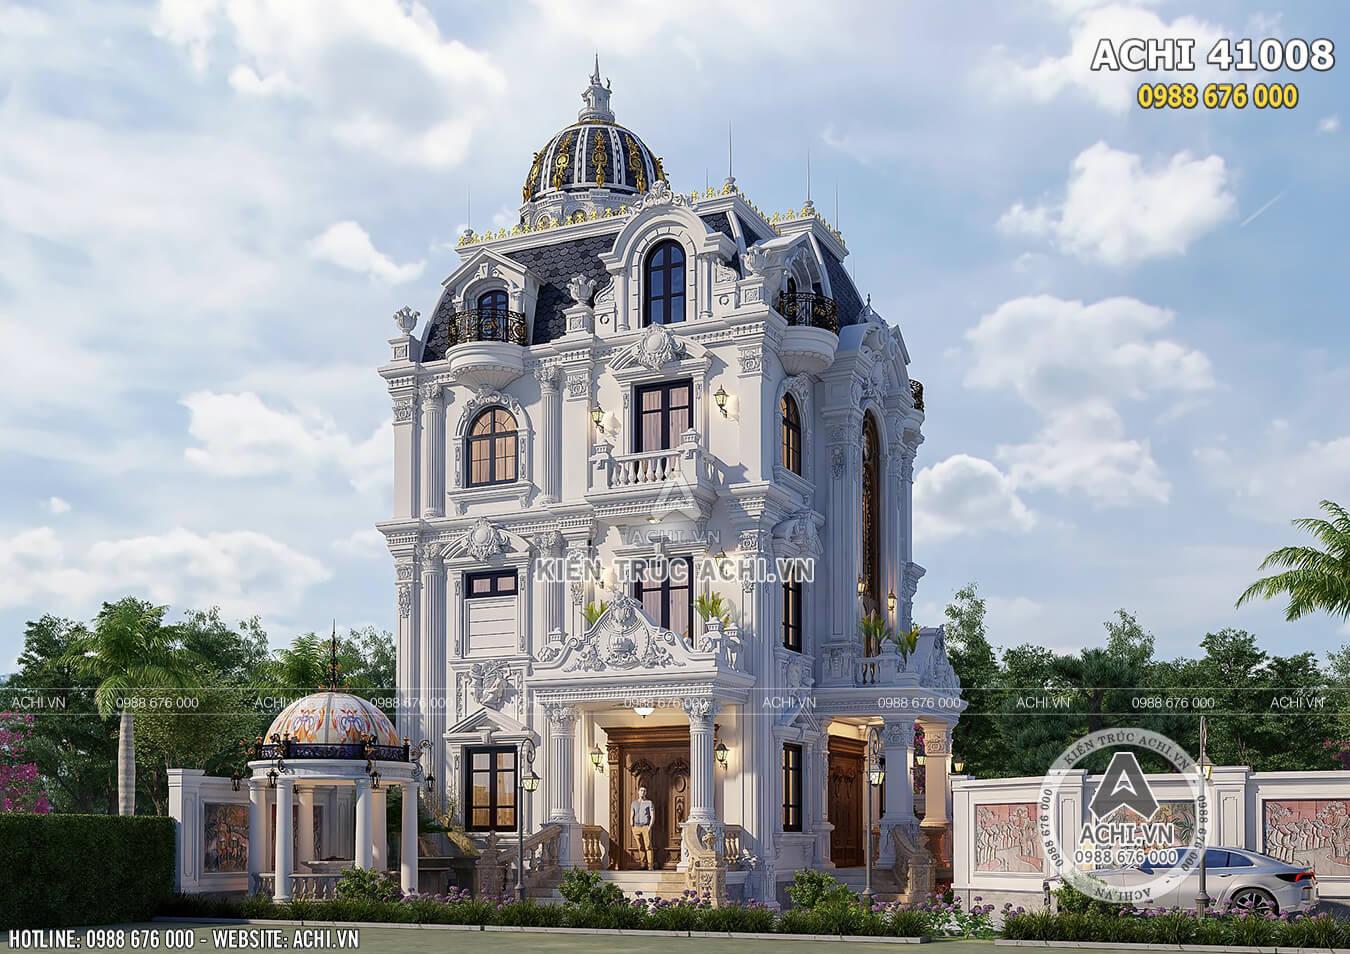 Một góc view của ngôi biệt thự tân cổ điển 4 tầng đẹp sang trọng